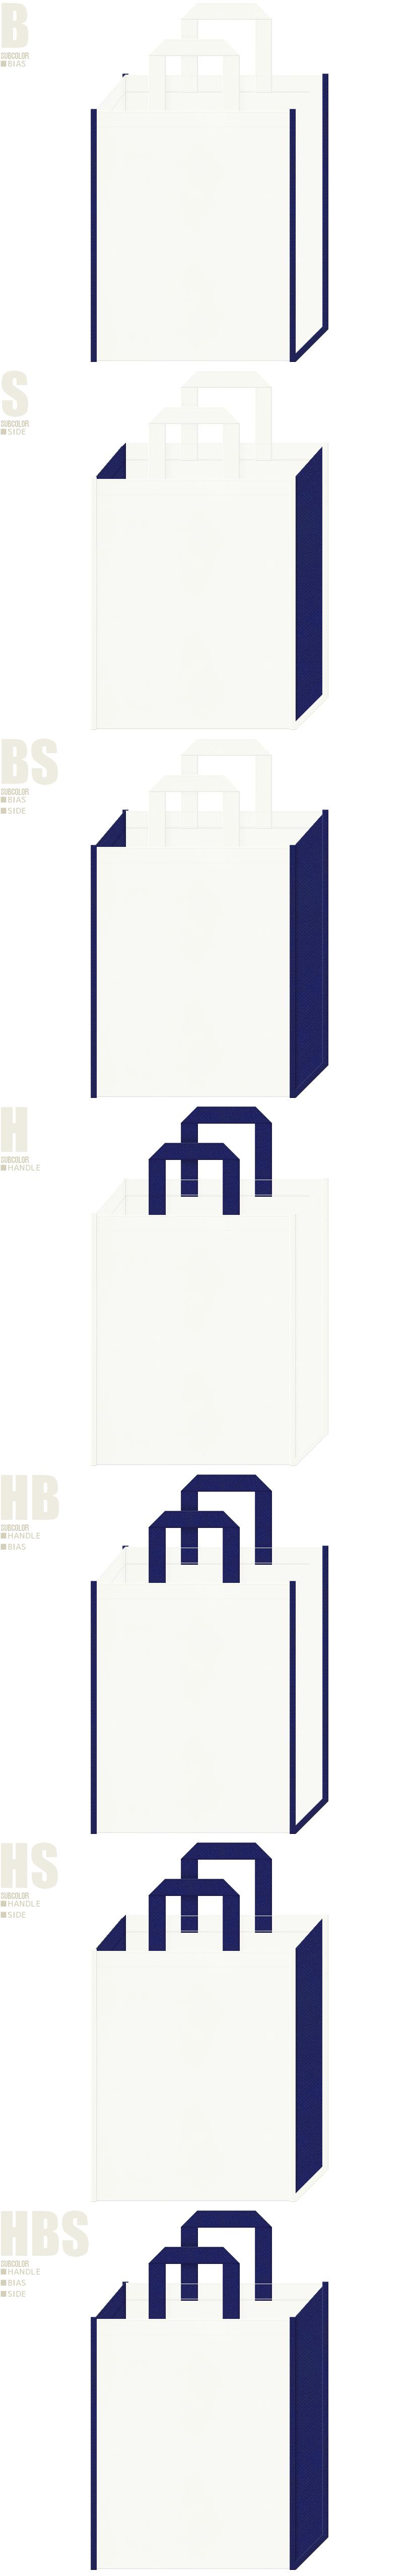 オフホワイト色と明るめの紺色、7パターンの不織布トートバッグ配色デザイン例。マリンファッションの展示会用バッグ、水族館イベントのバッグノベルティにお奨めです。